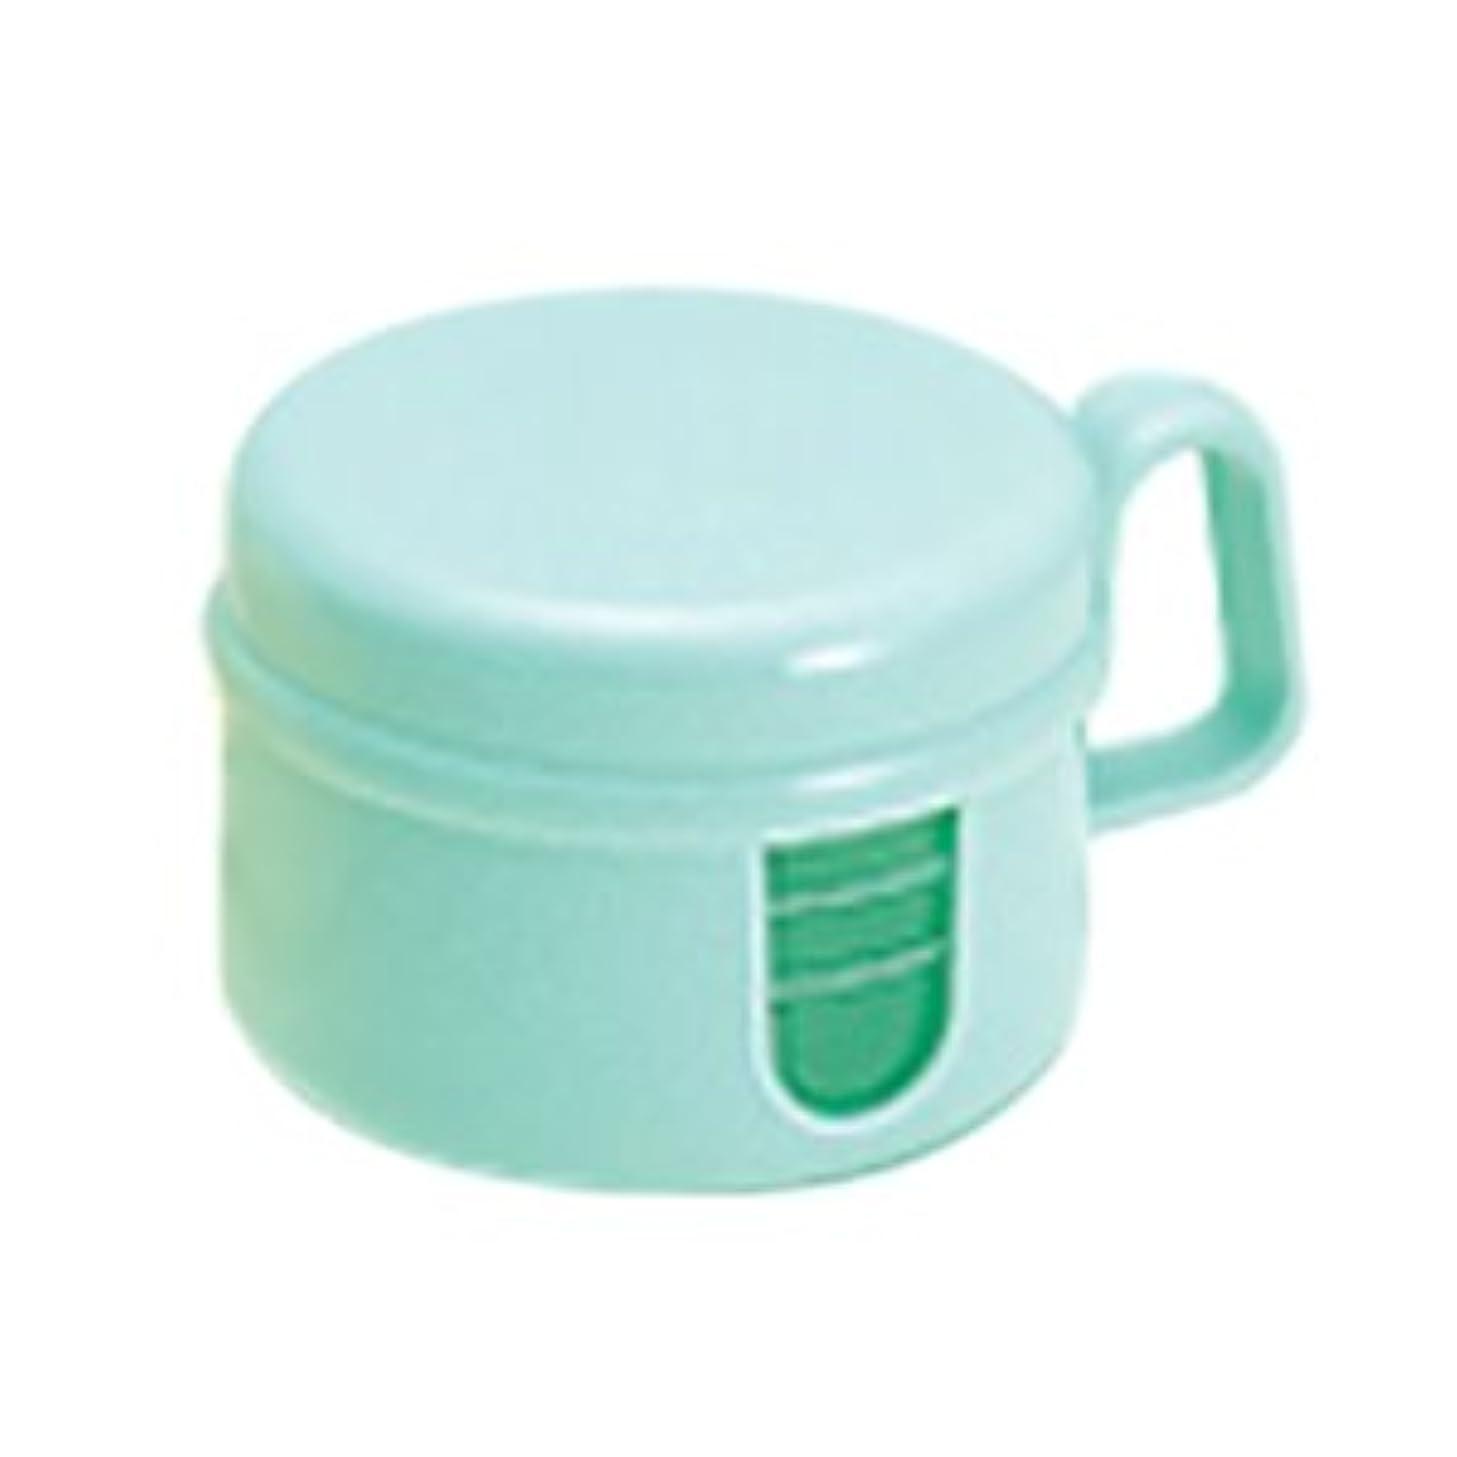 肉レイコロニアル松風 ピカ 入れ歯 洗浄保存容器 グリーン